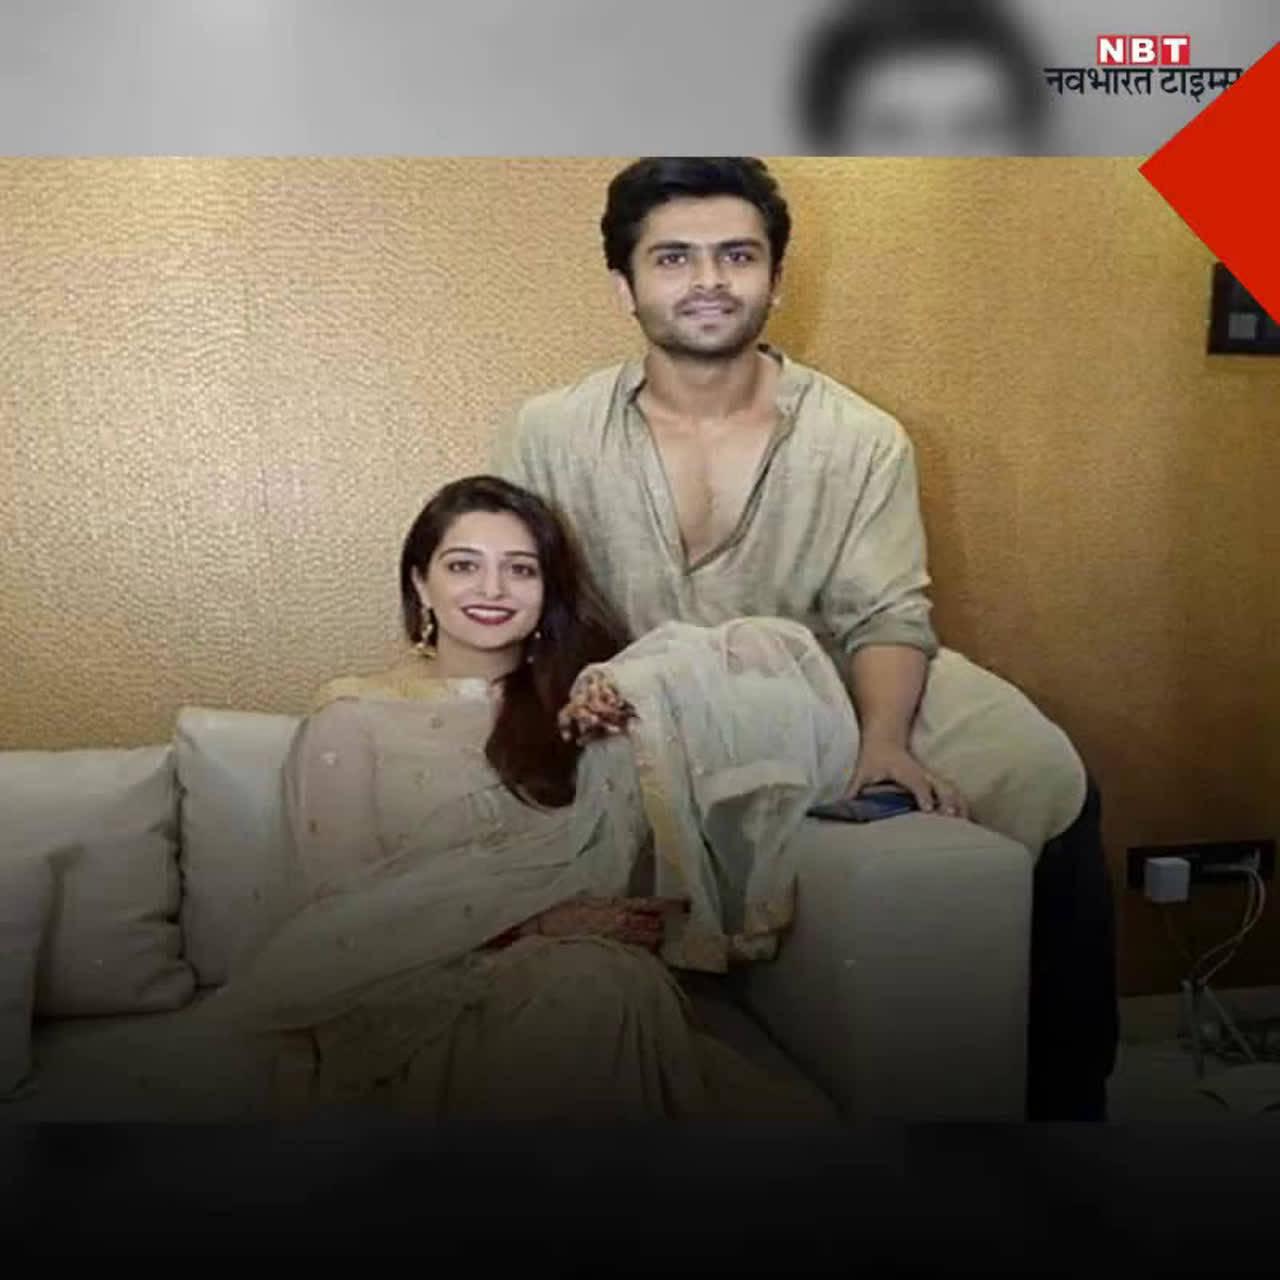 शादी के बाद शौहर के साथ पहली ईद मना रही हैं दीपिका कक्कड़